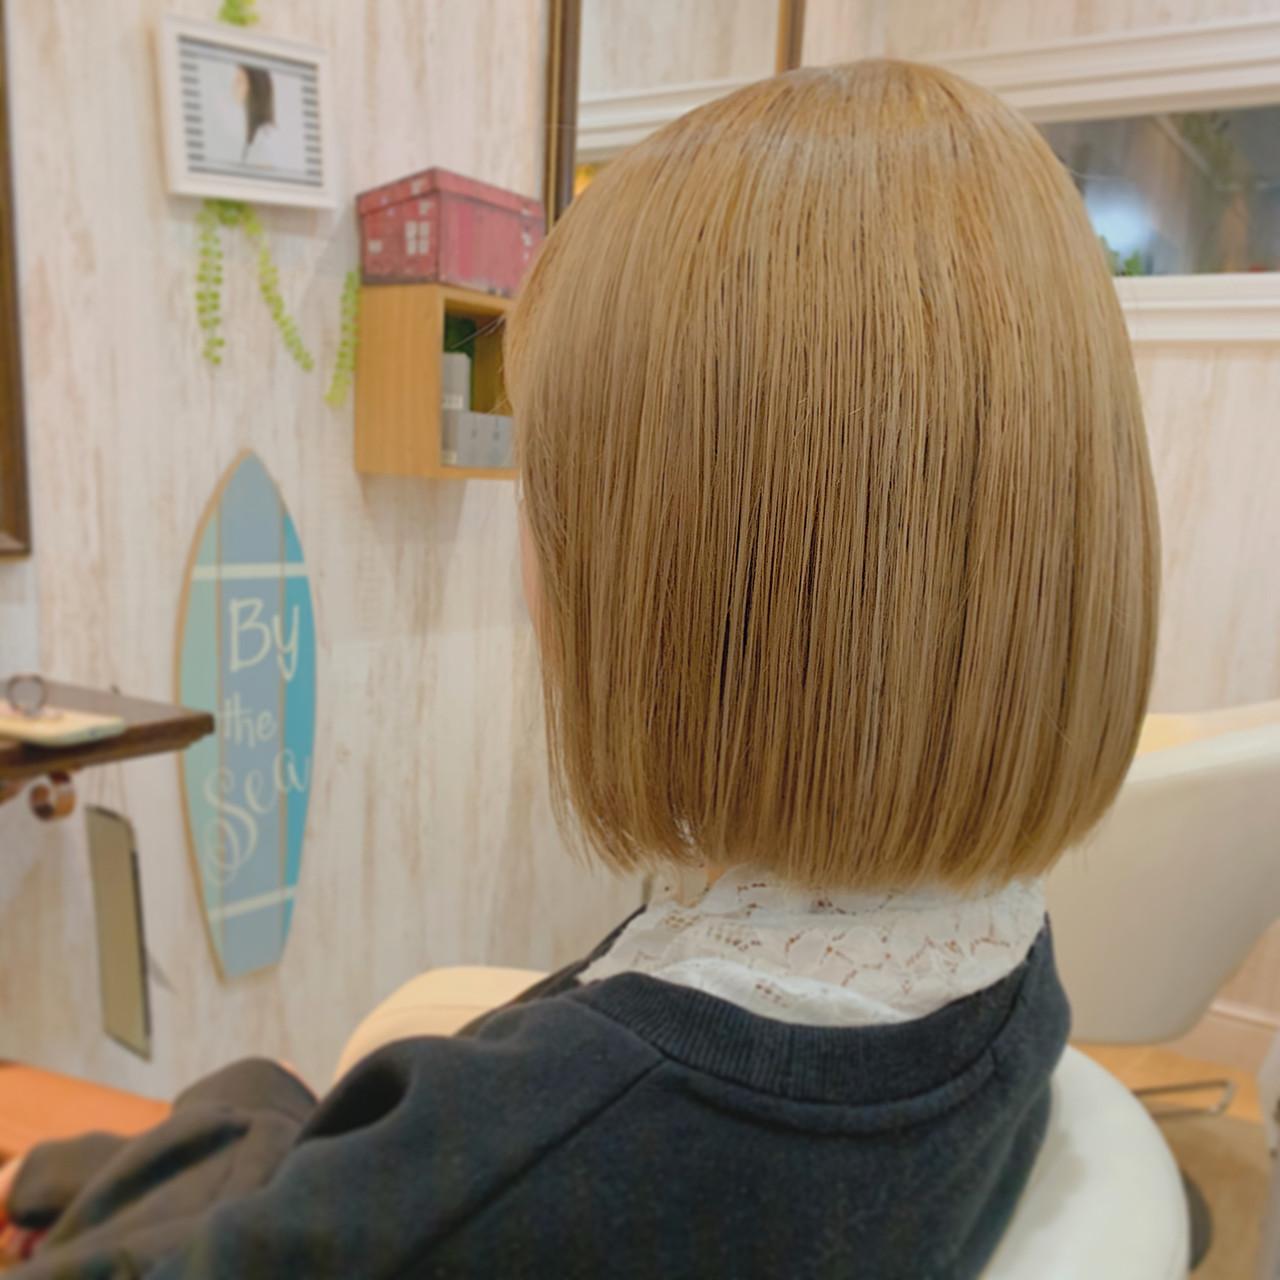 クリームブロンド ミニボブ プラチナブロンド ショートボブ ヘアスタイルや髪型の写真・画像